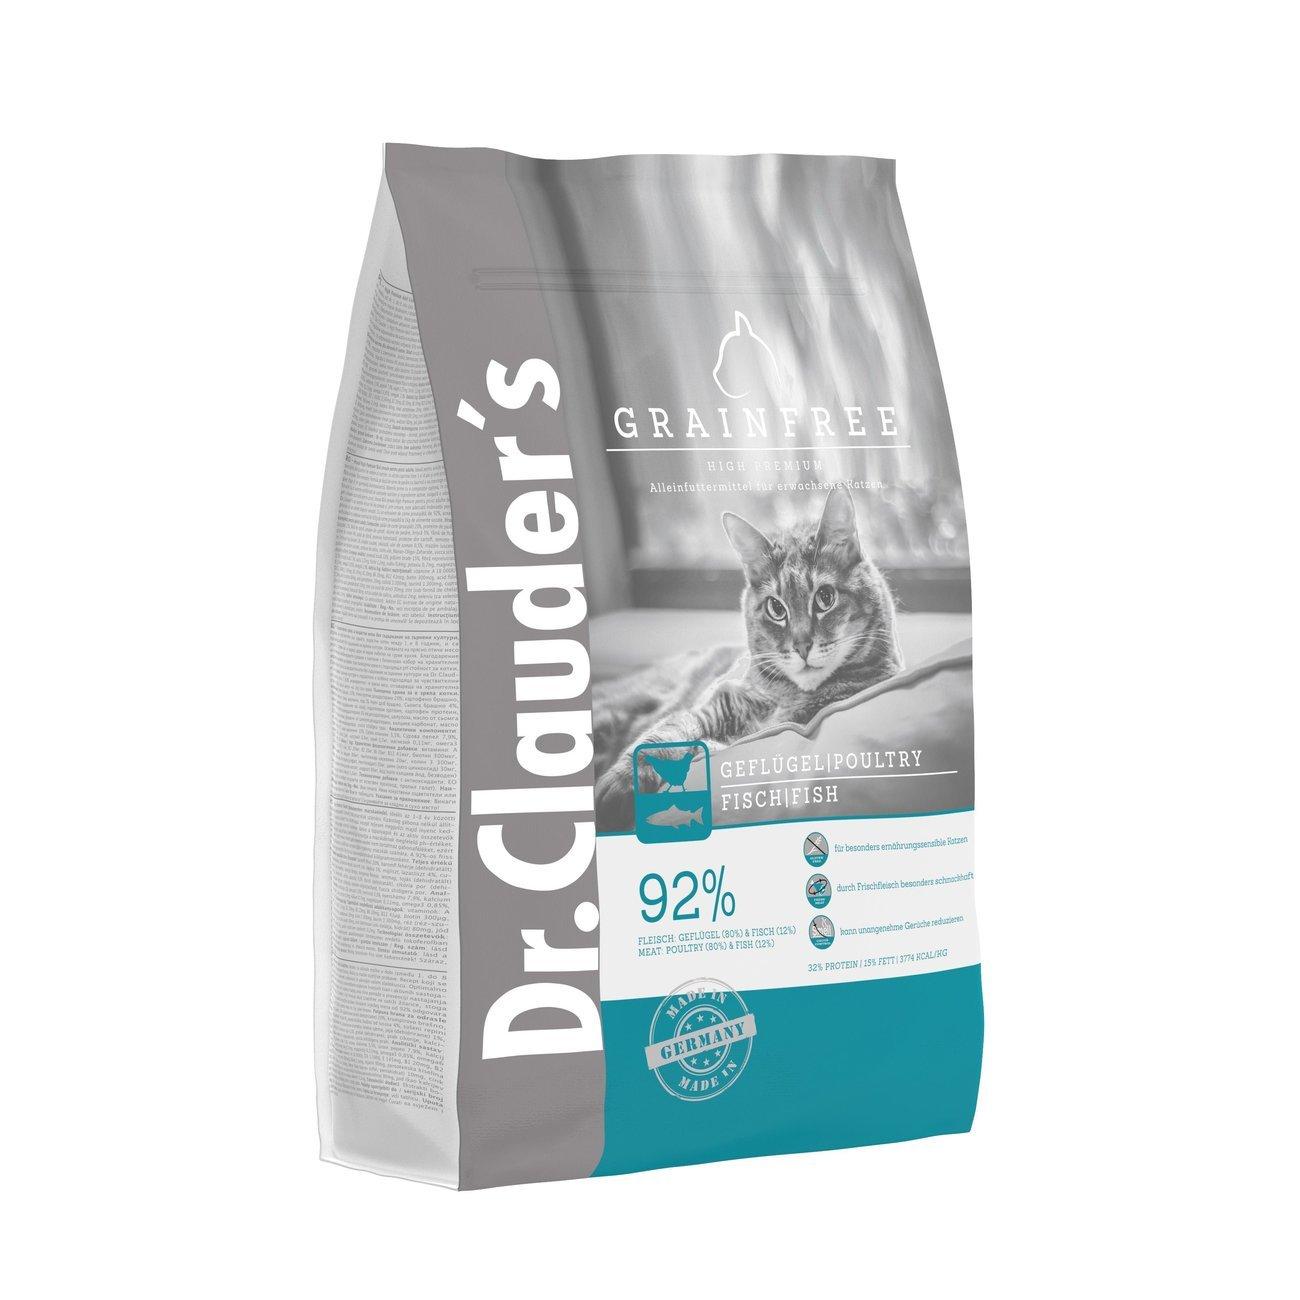 Dr. Clauders Dr. Clauder's High Premium Adult Grainfree Katzenfutter, Bild 2